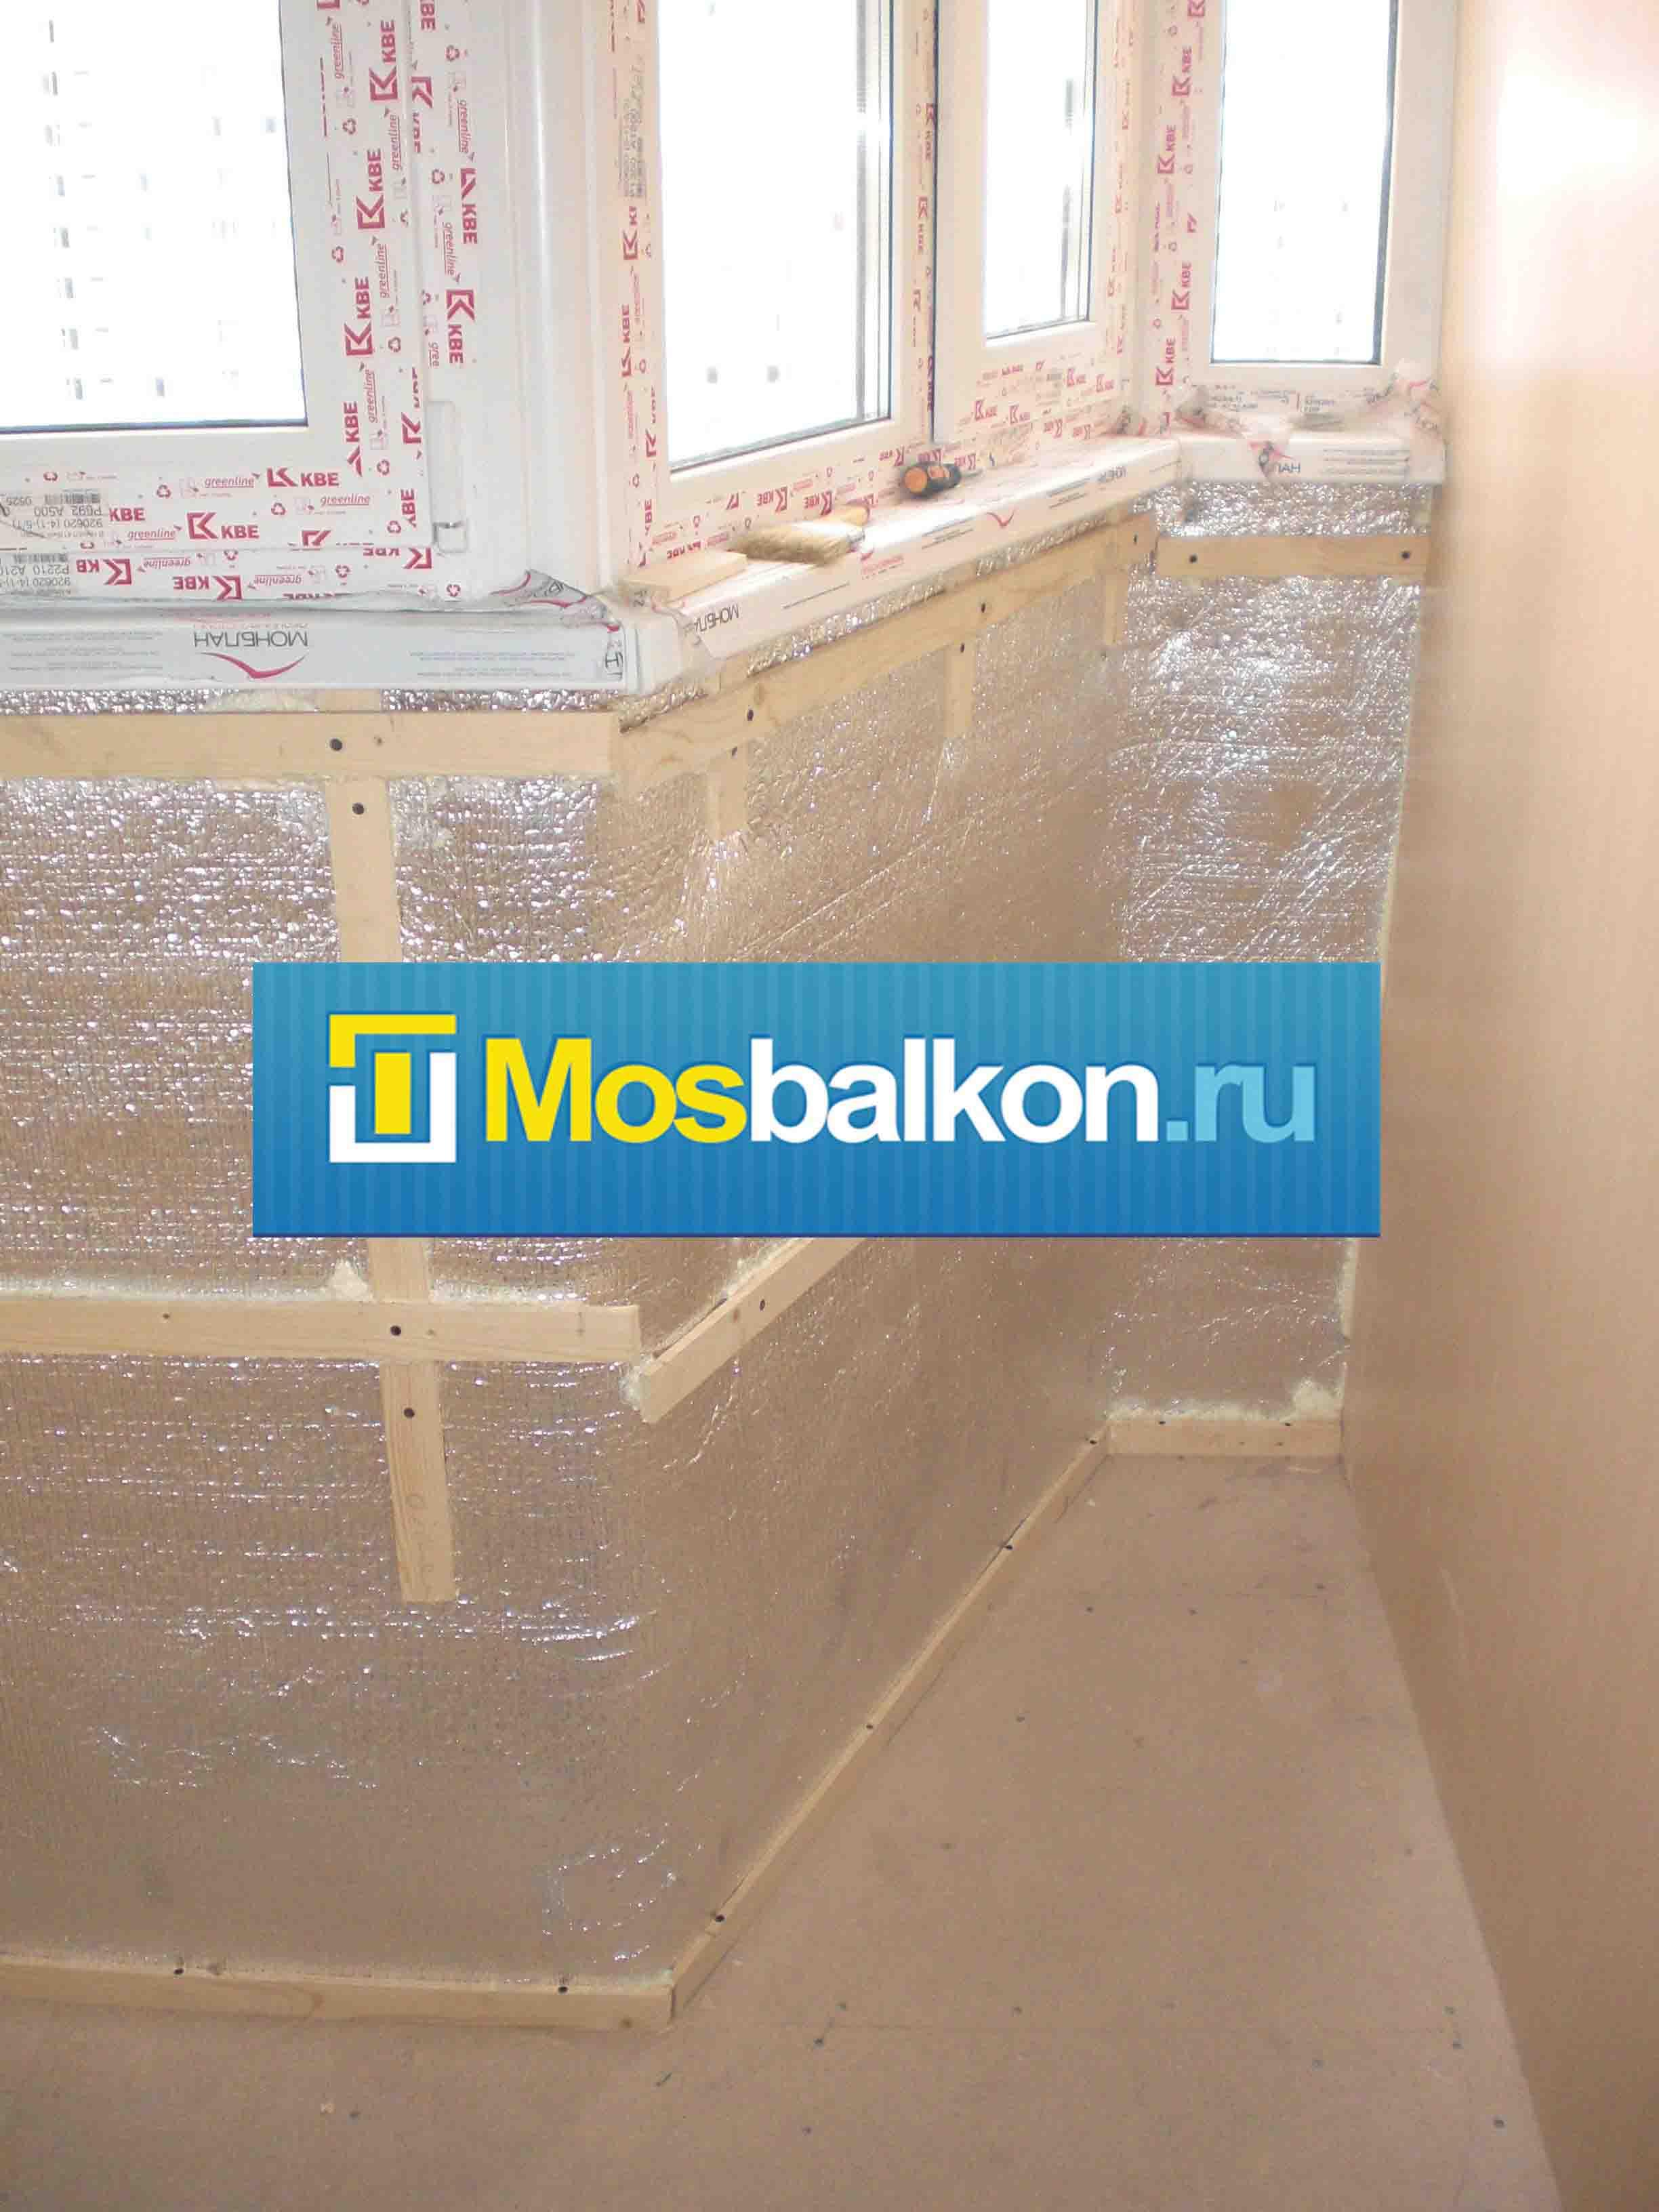 Утепление балконов, утепление лоджий в москве и московской о.